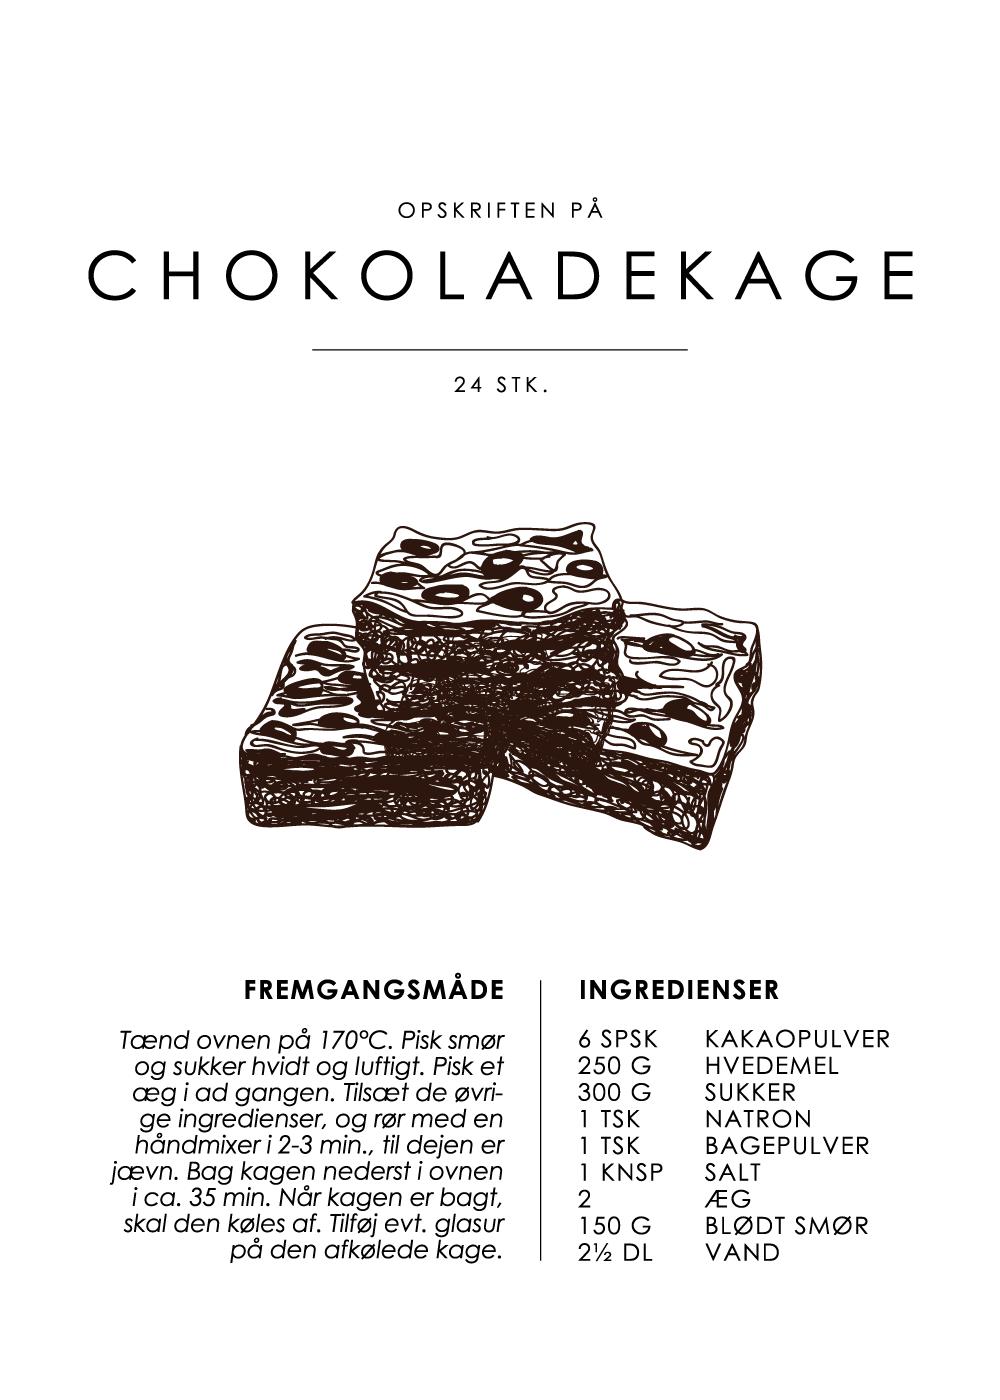 Billede af Chokoladekage opskrift - Kage guide plakat